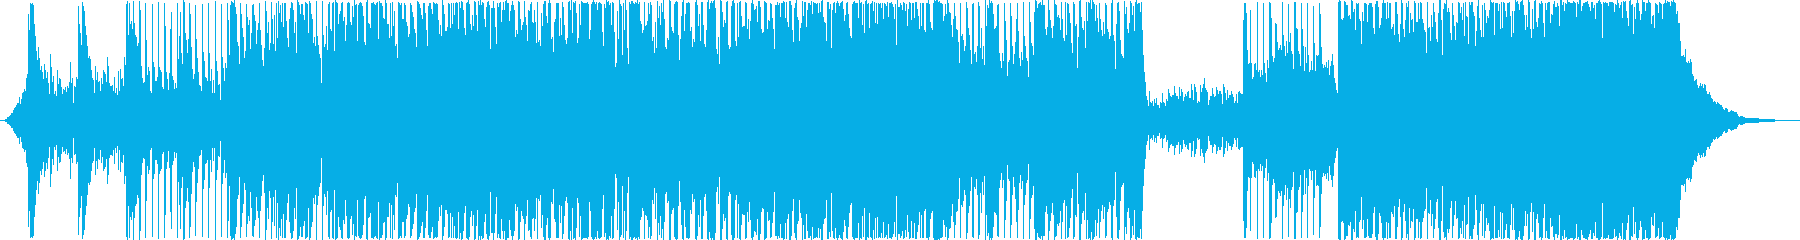 ポップ 静か 楽しげ ファンタジー...の再生済みの波形